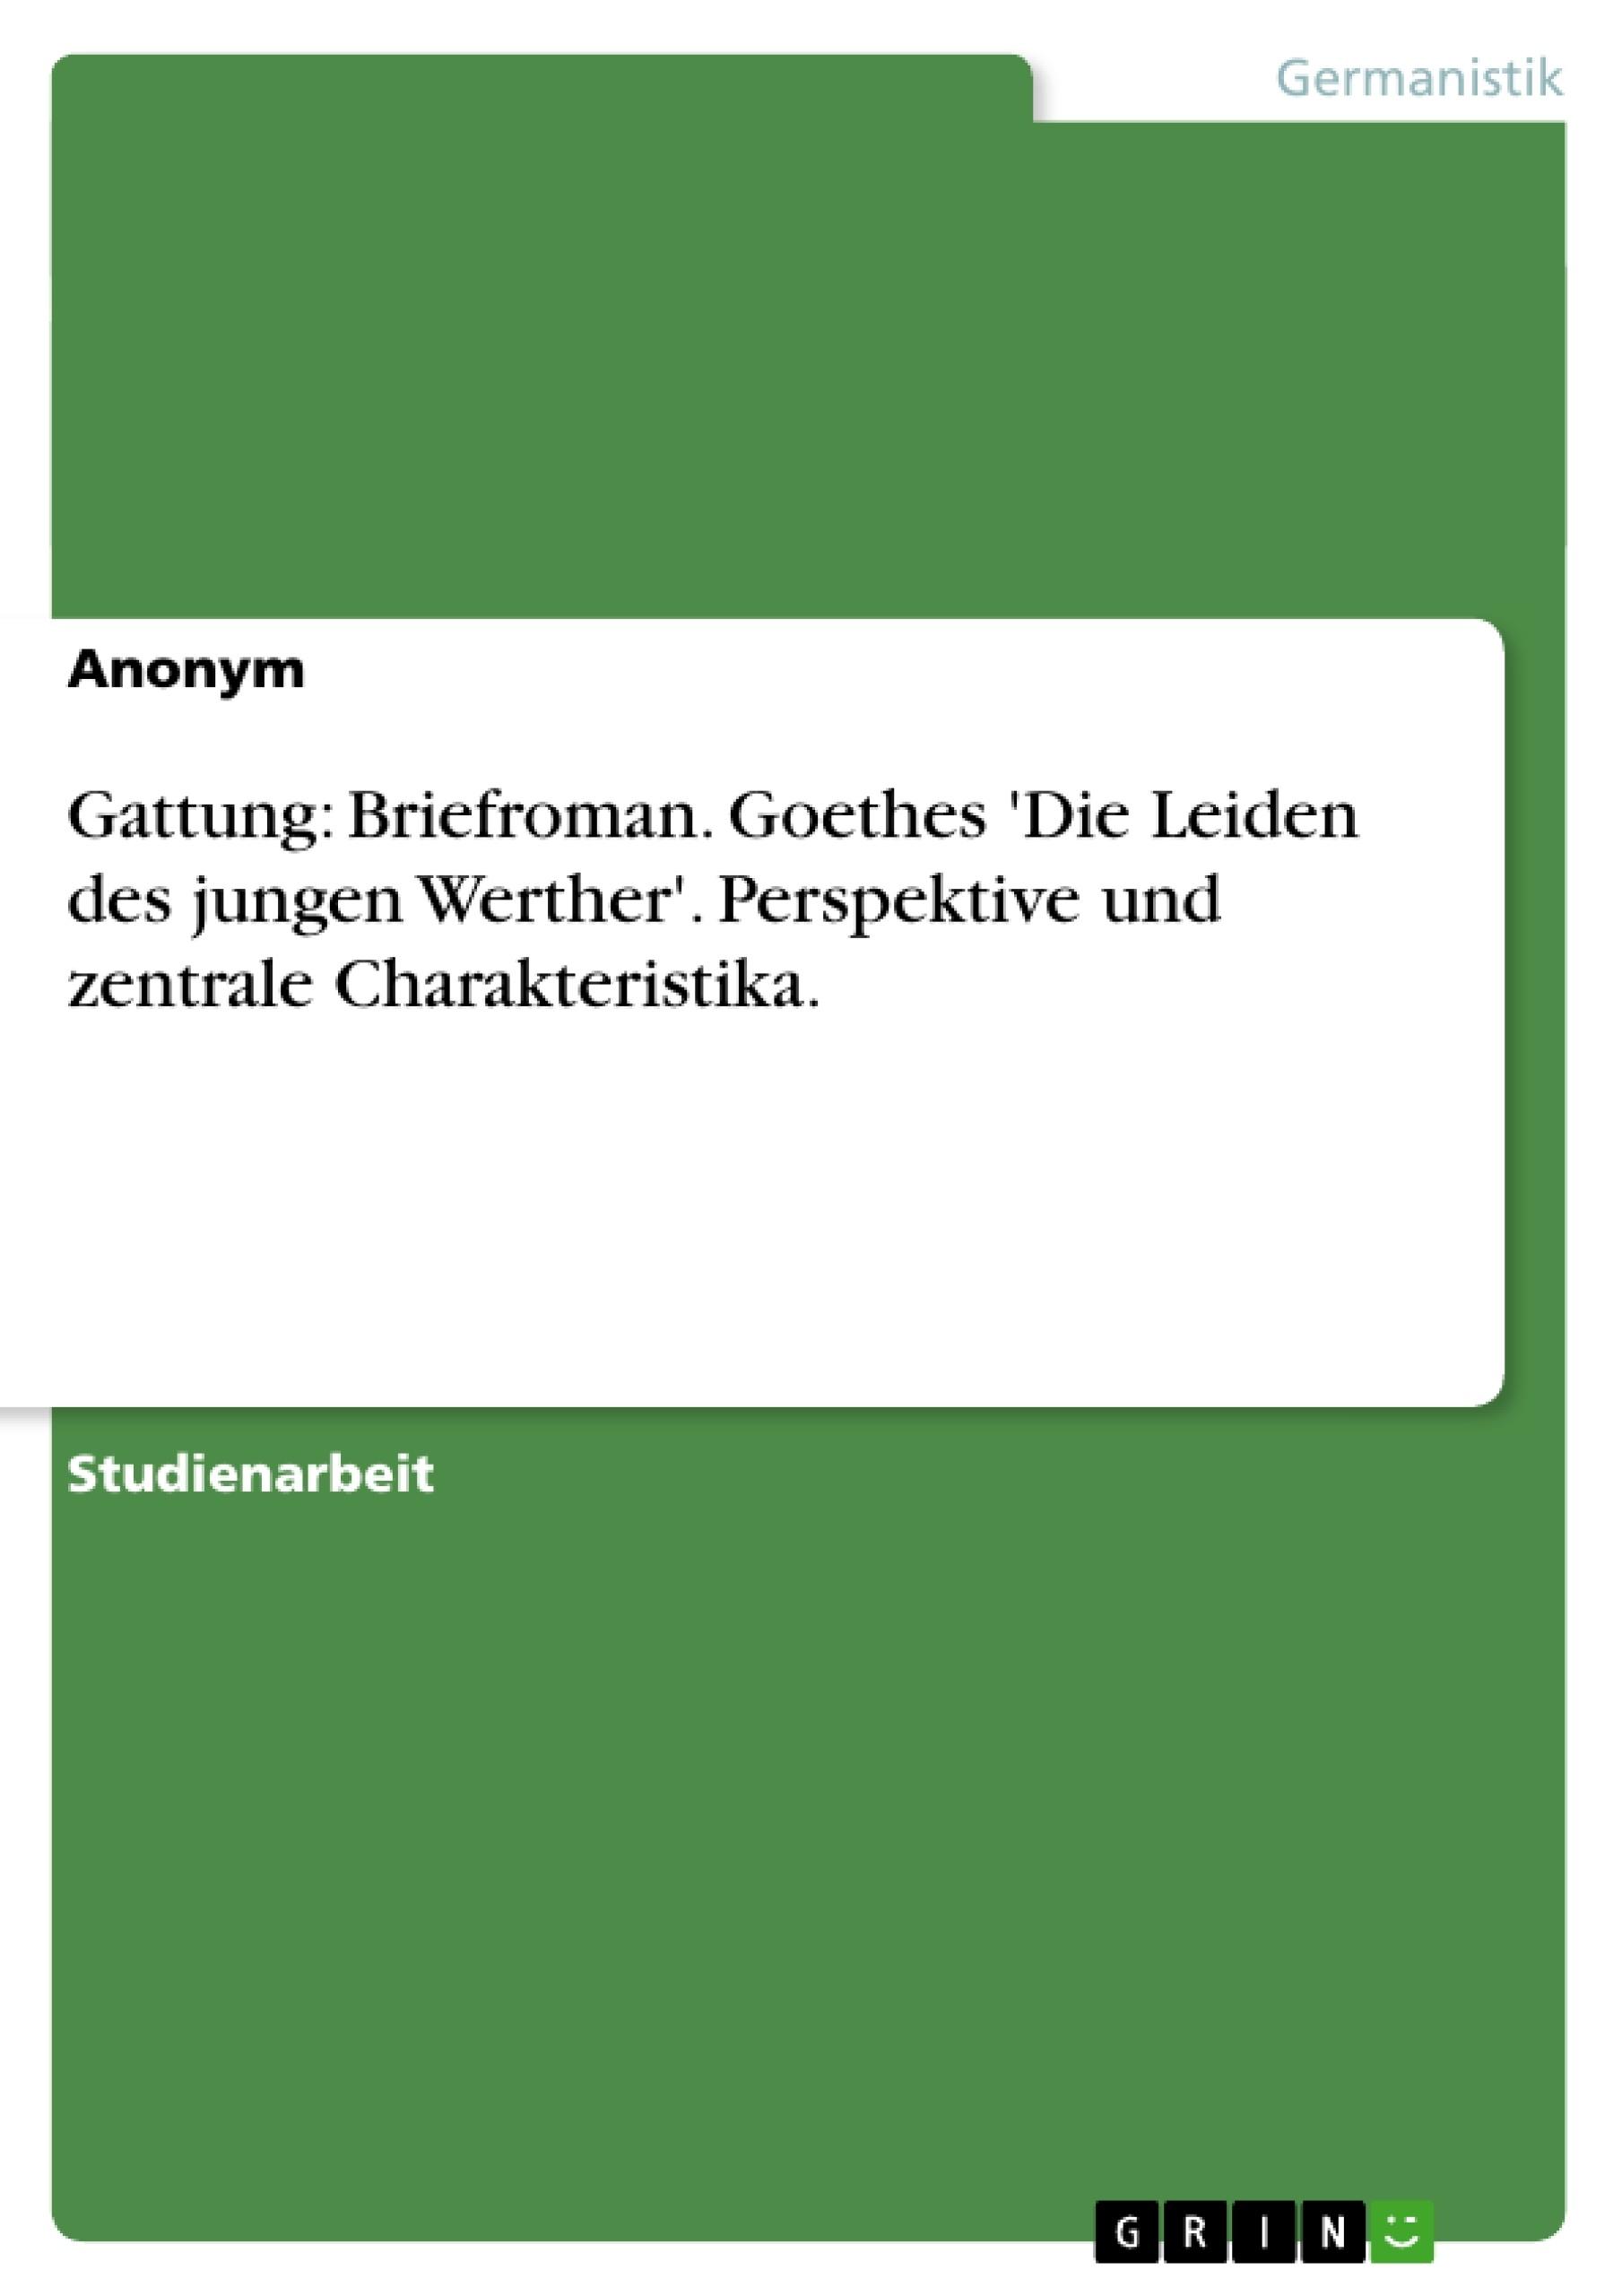 Titel: Gattung: Briefroman. Goethes 'Die Leiden des jungen Werther'. Perspektive und zentrale Charakteristika.